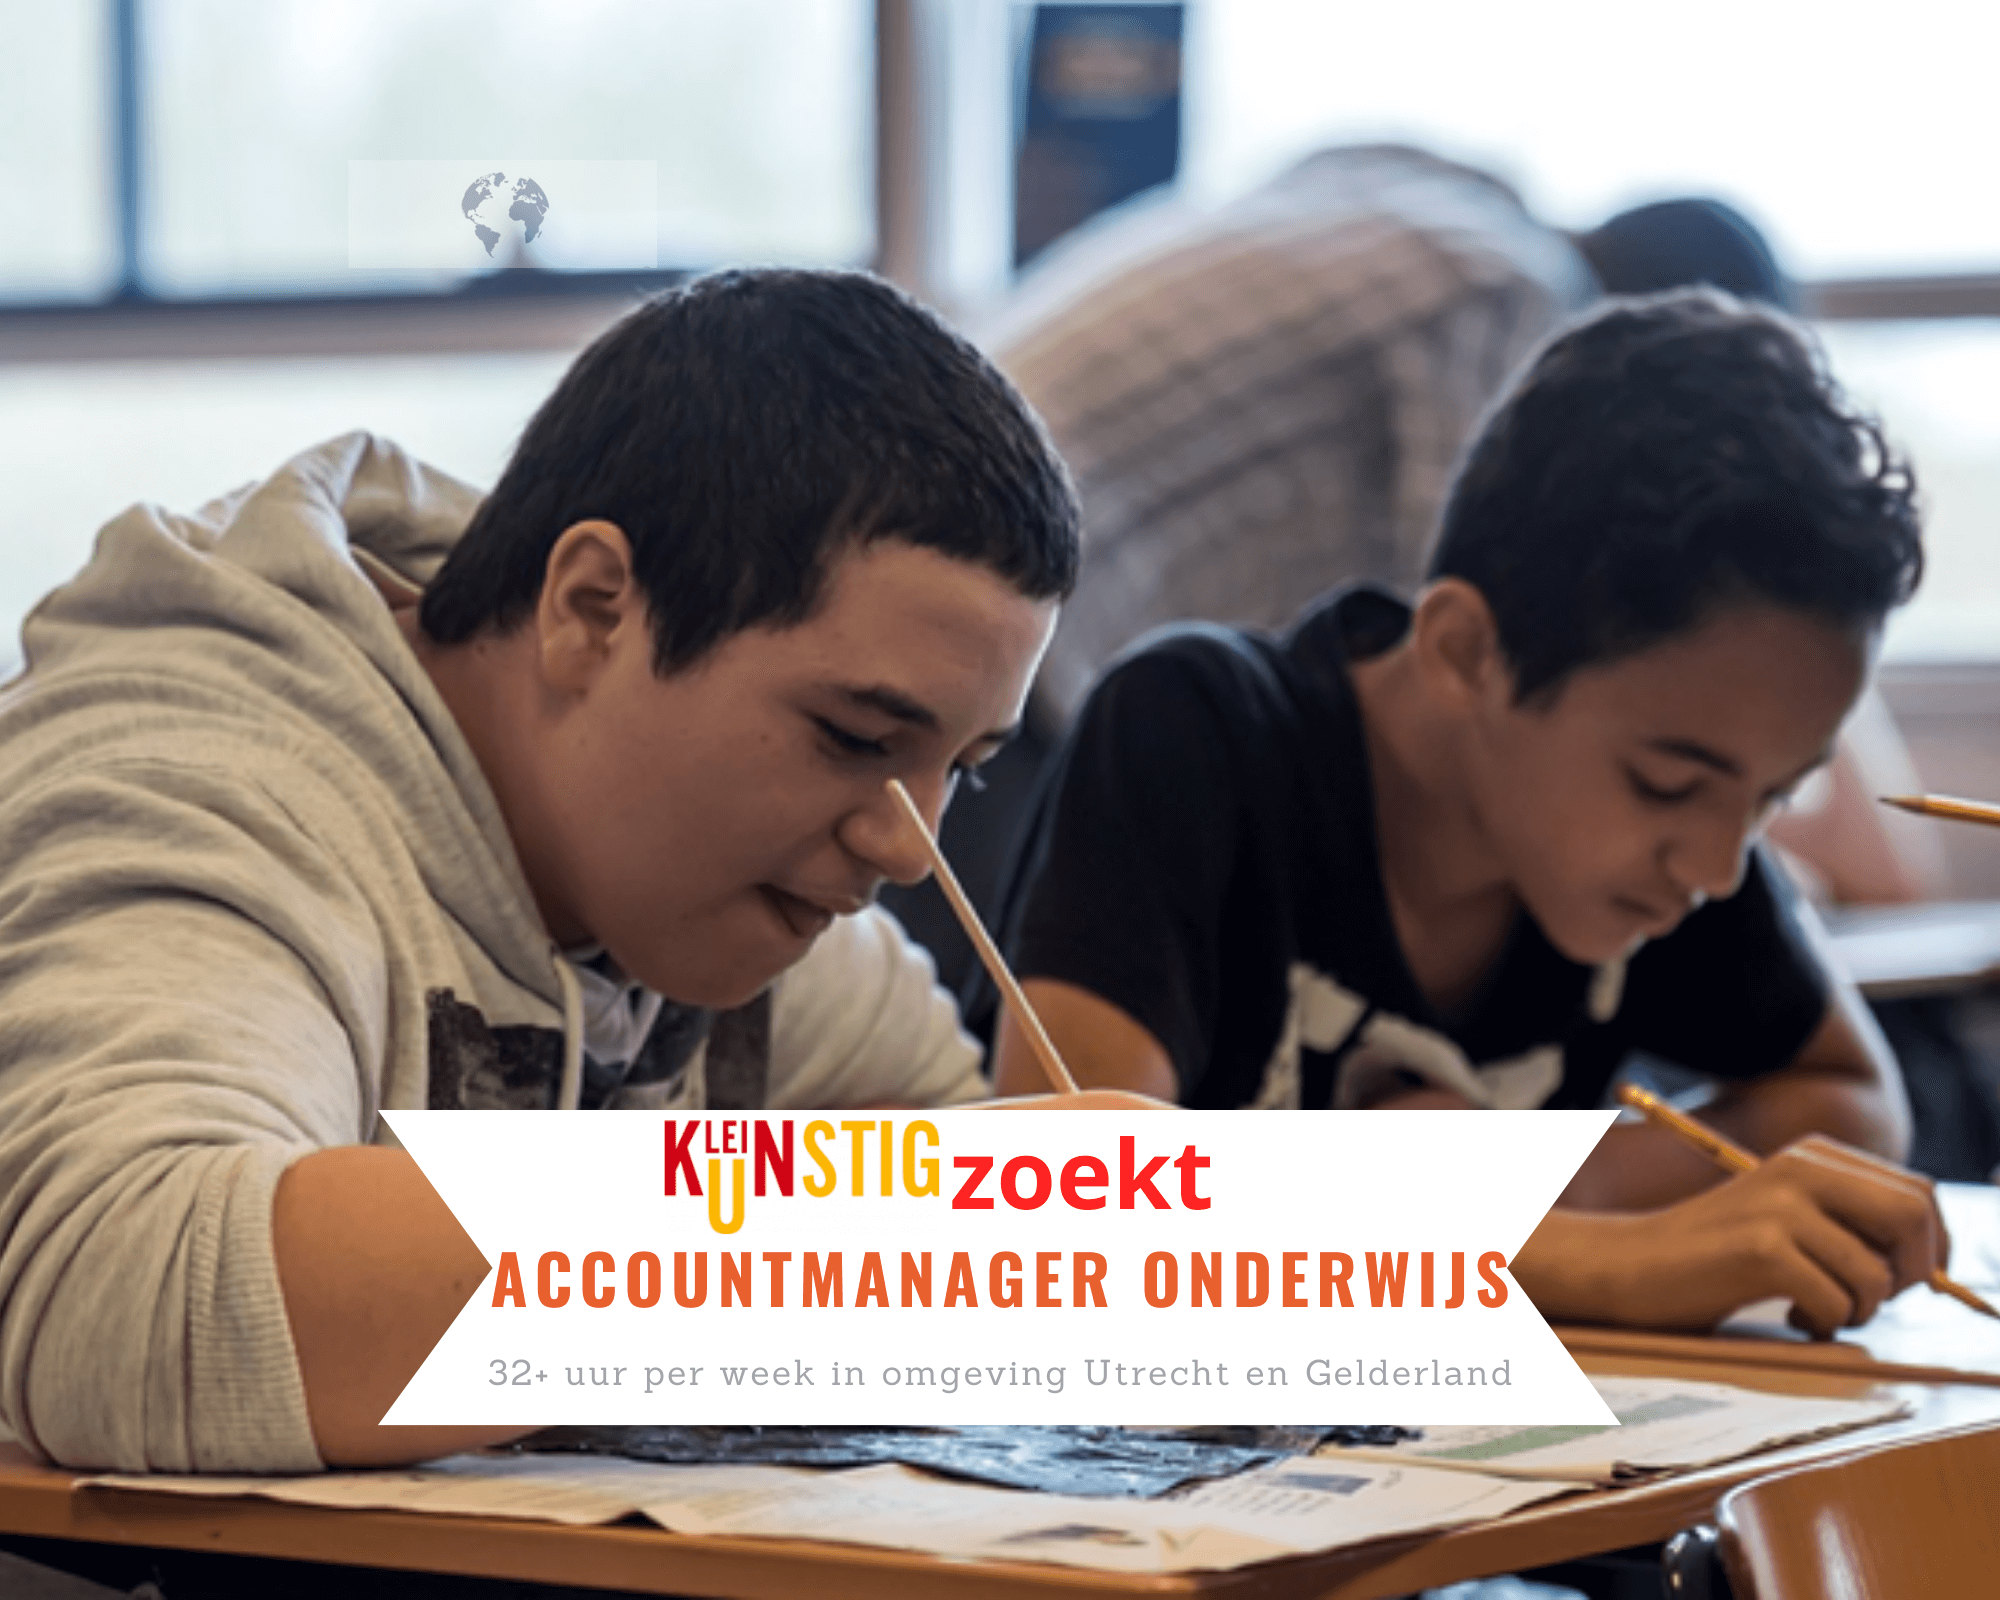 Accountmanager Onderwijs